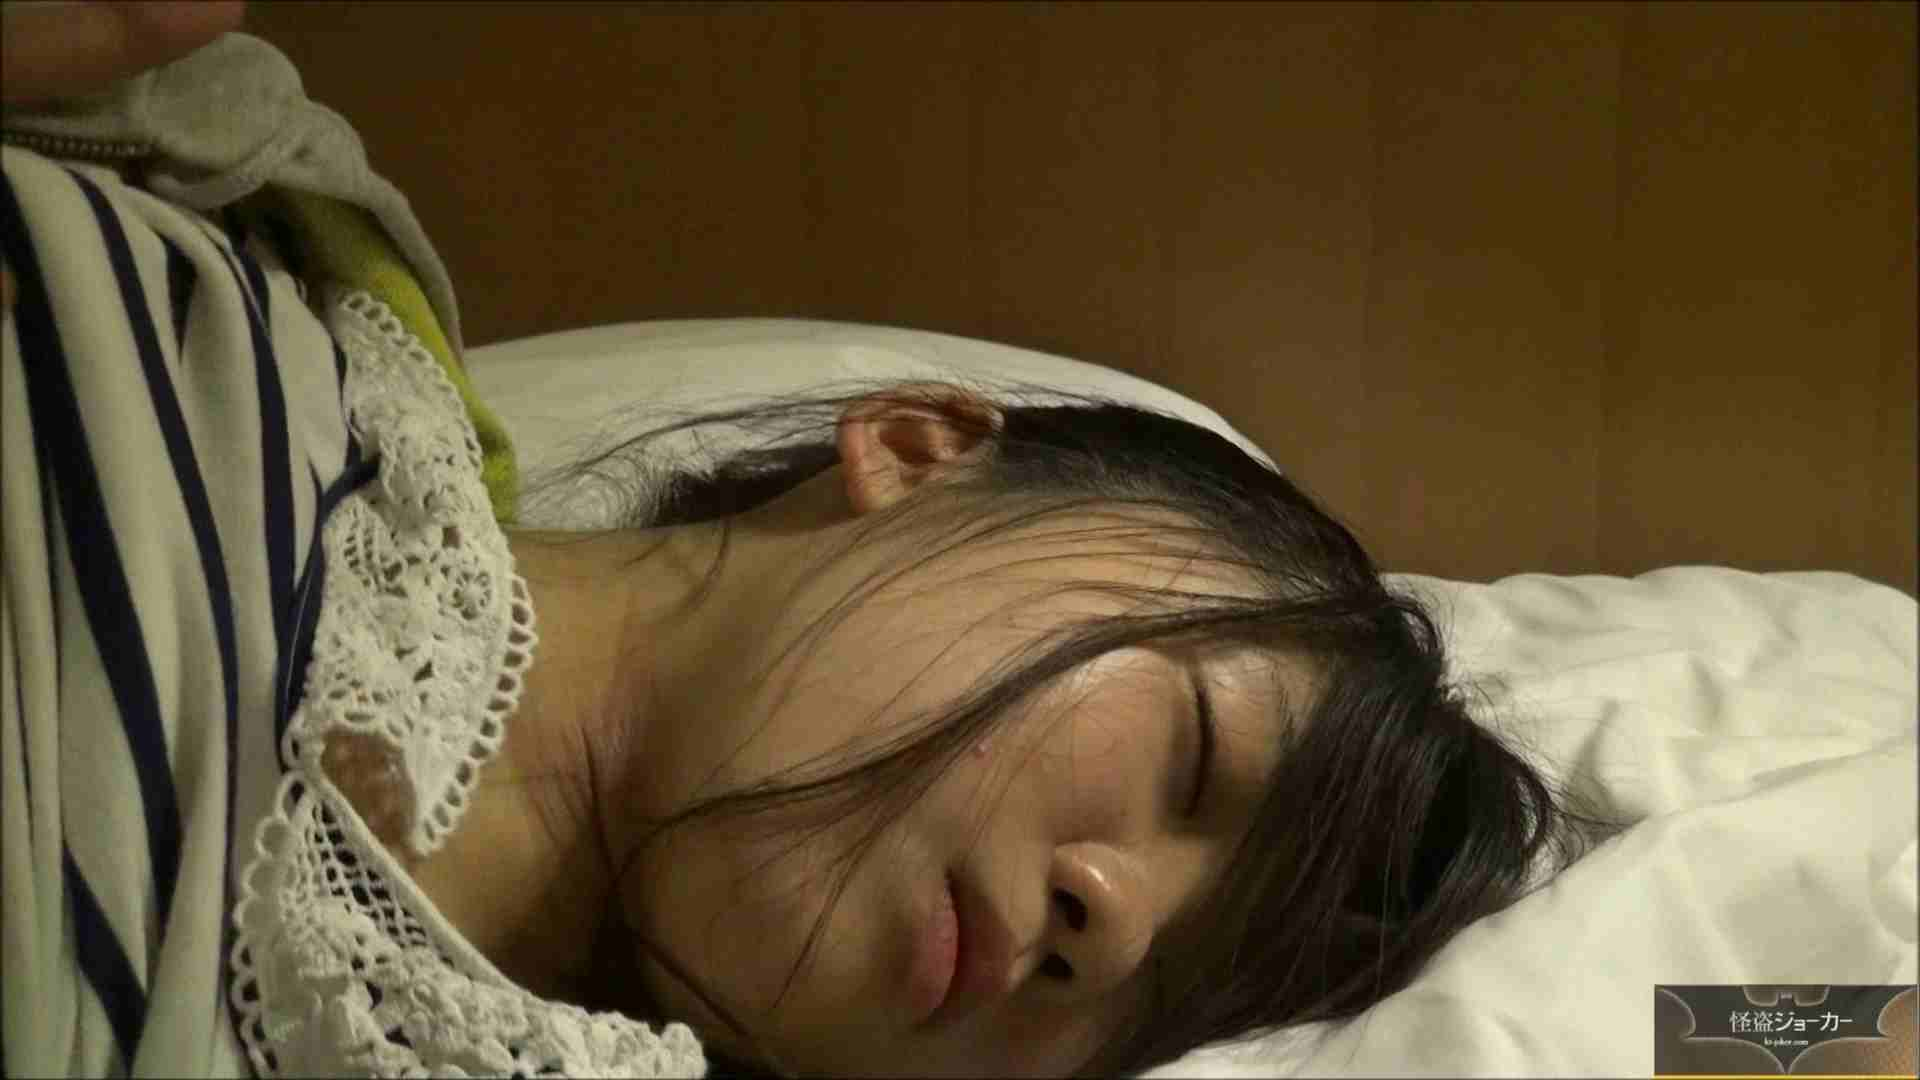 【未公開】vol.75 {関東某有名お嬢様JD}yuunaちゃん① お嬢様  106PIX 58